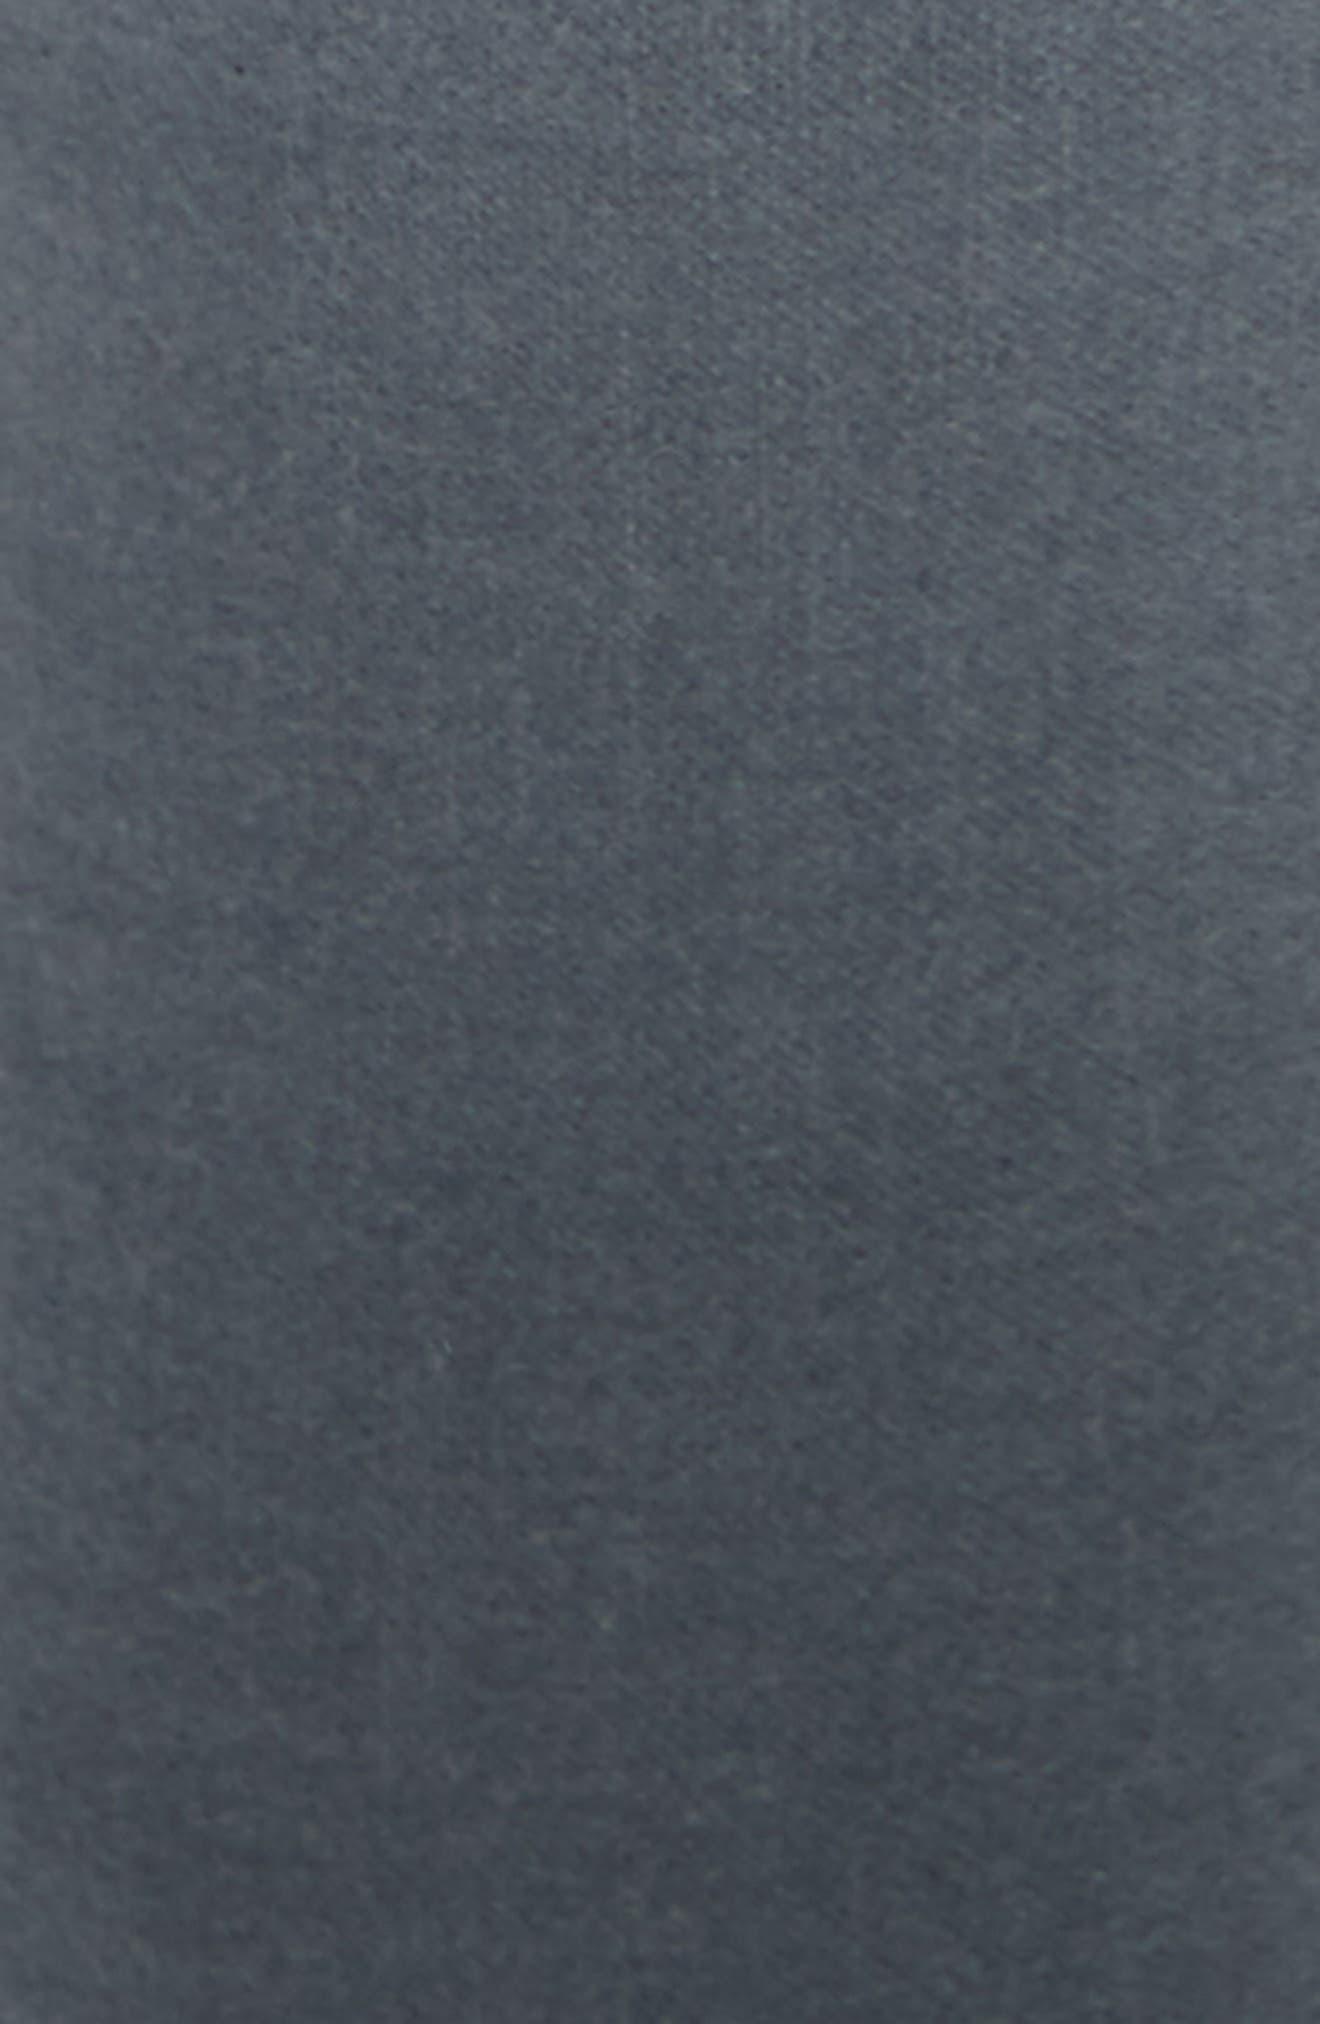 Velvet Skinny Jeans,                             Alternate thumbnail 5, color,                             408